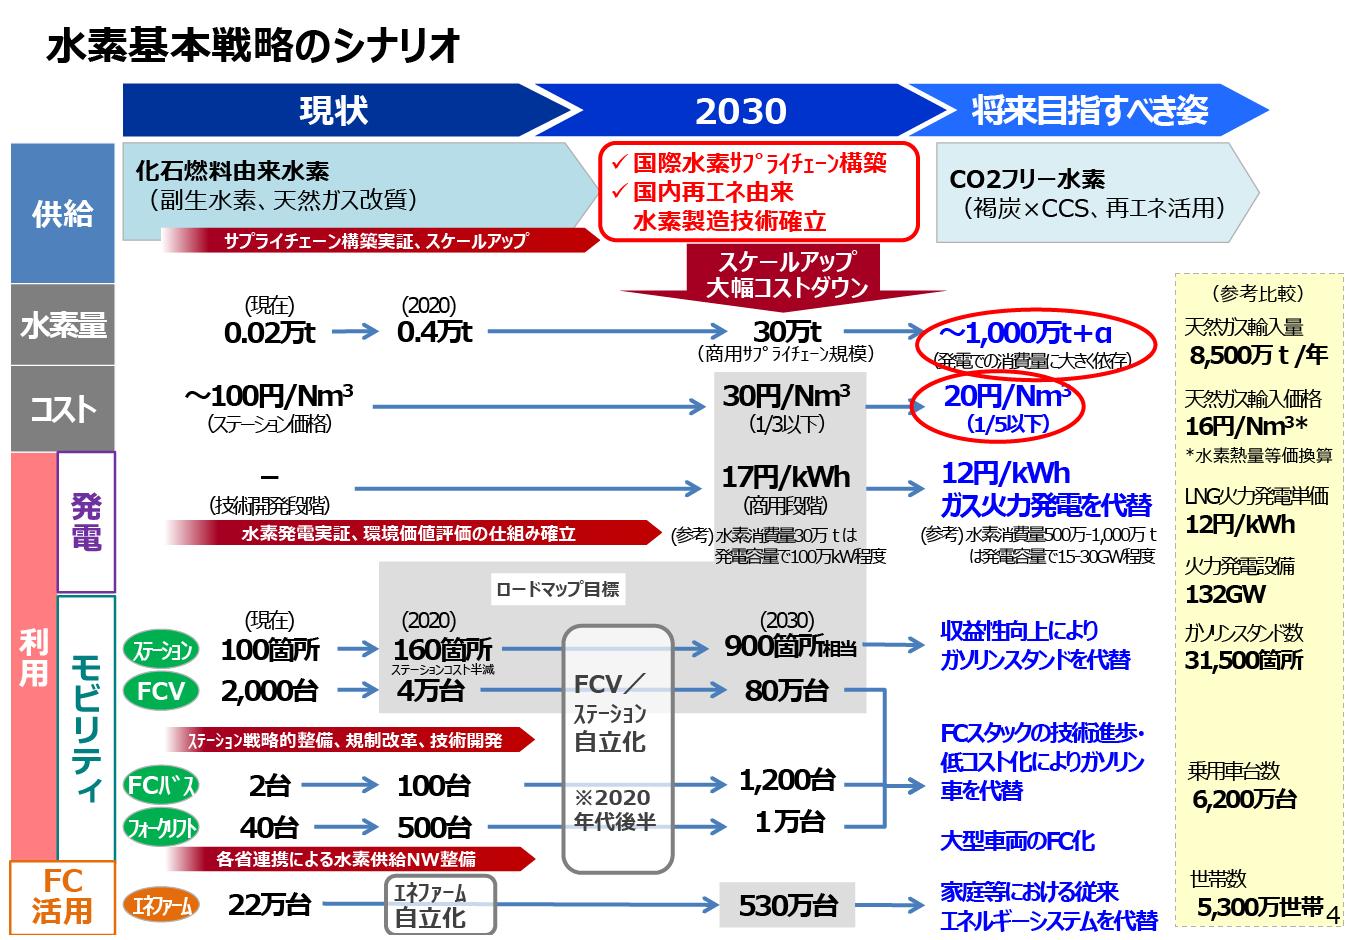 富山水素エネルギー利活用ビジョン ロードマップ 一般社団法人 富山